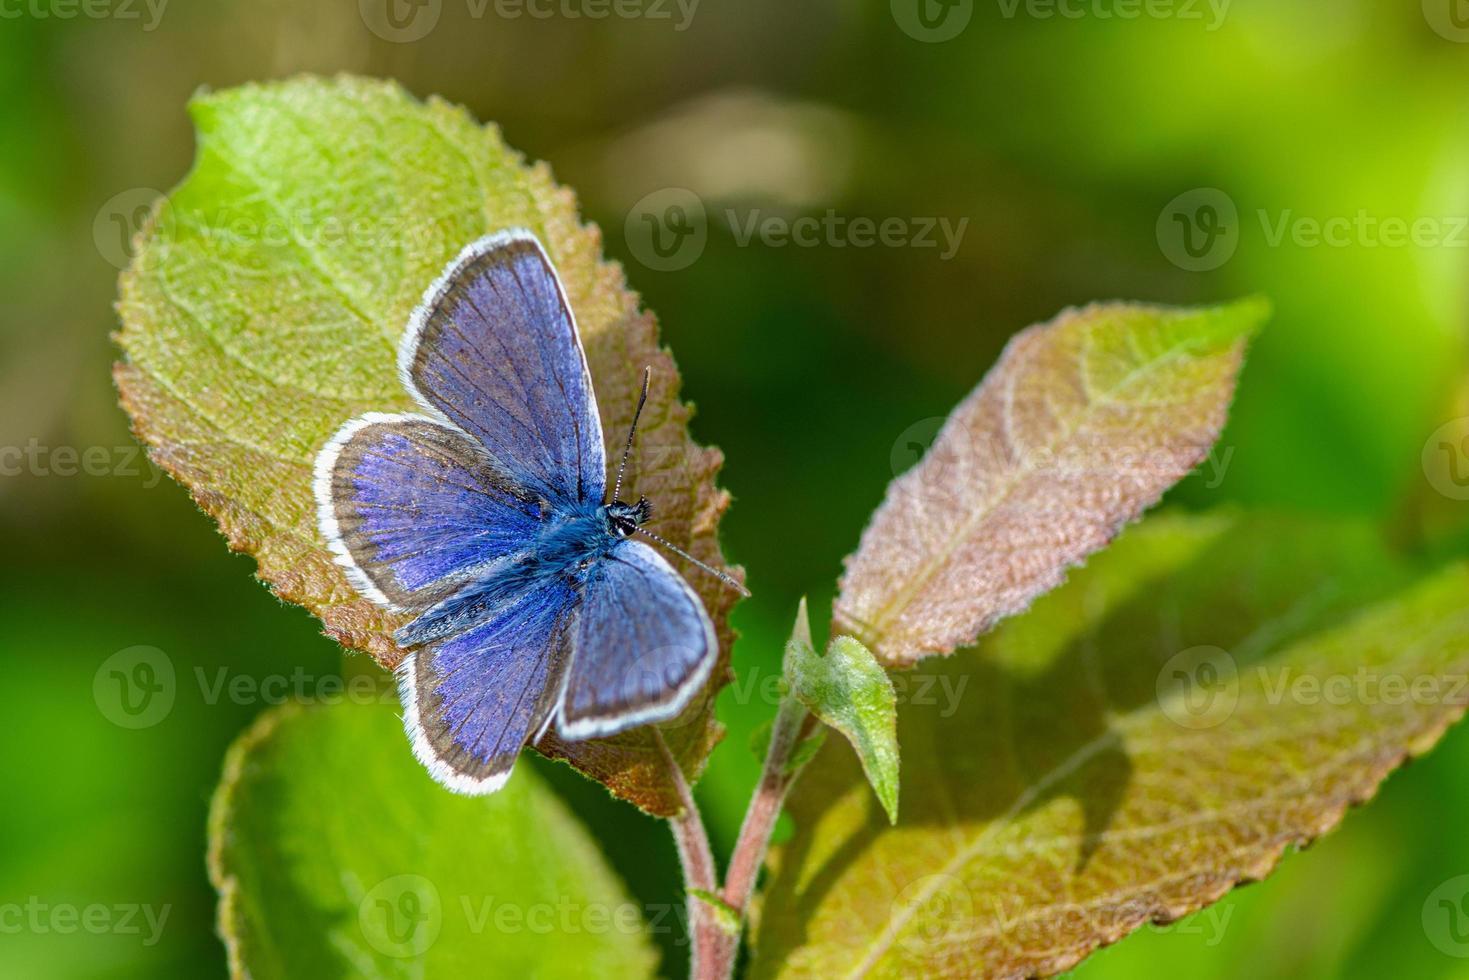 Nahaufnahme eines blauen Flügelschmetterlings auf einem grünen Blatt foto